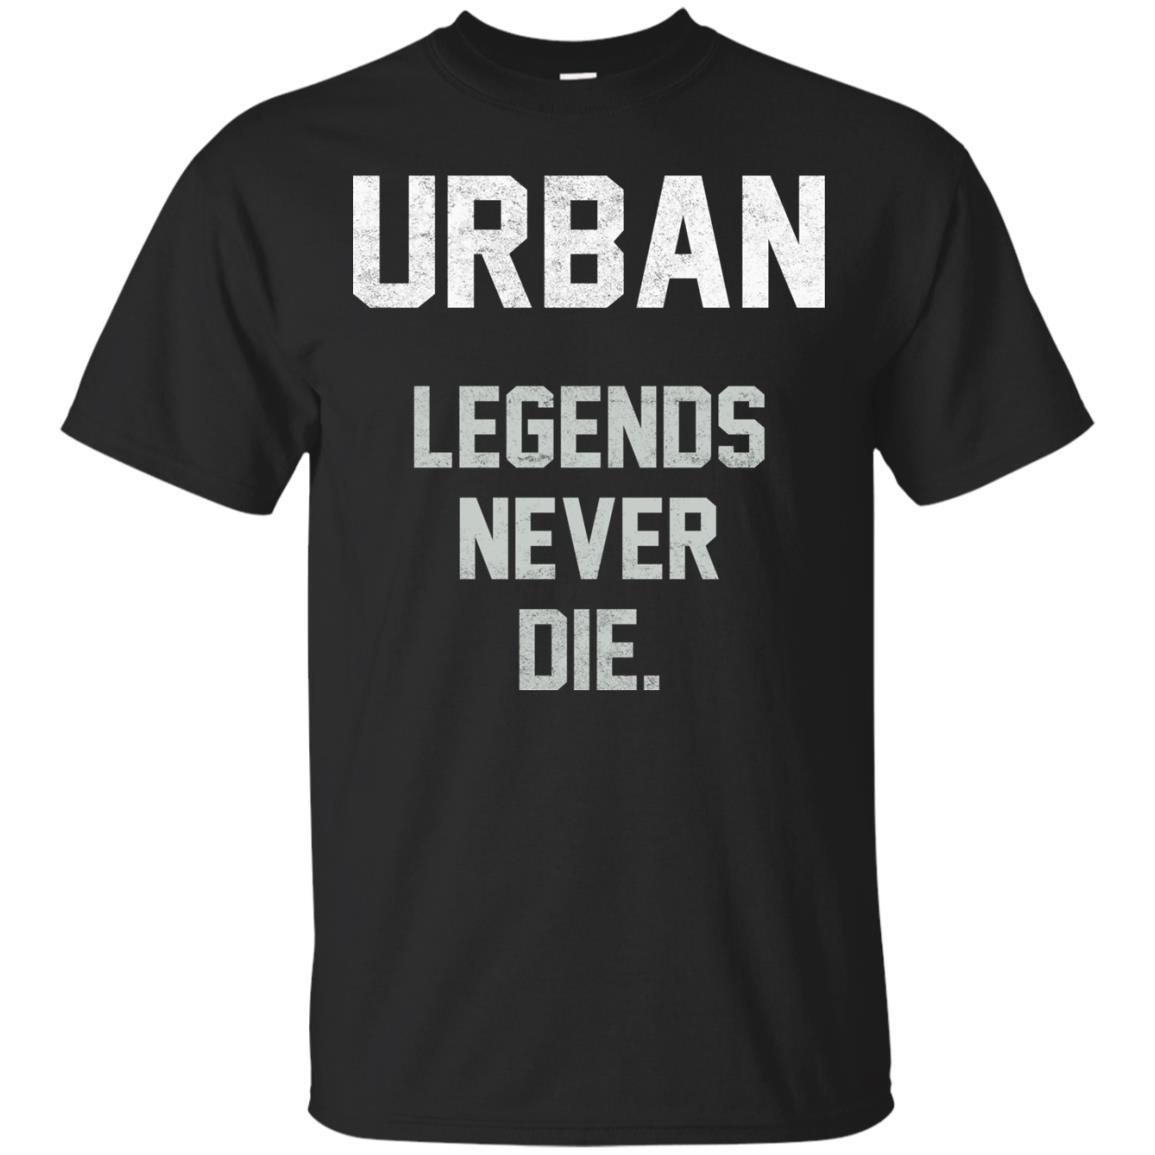 0bce23a43adc Urban Legends Never Die t-shirt